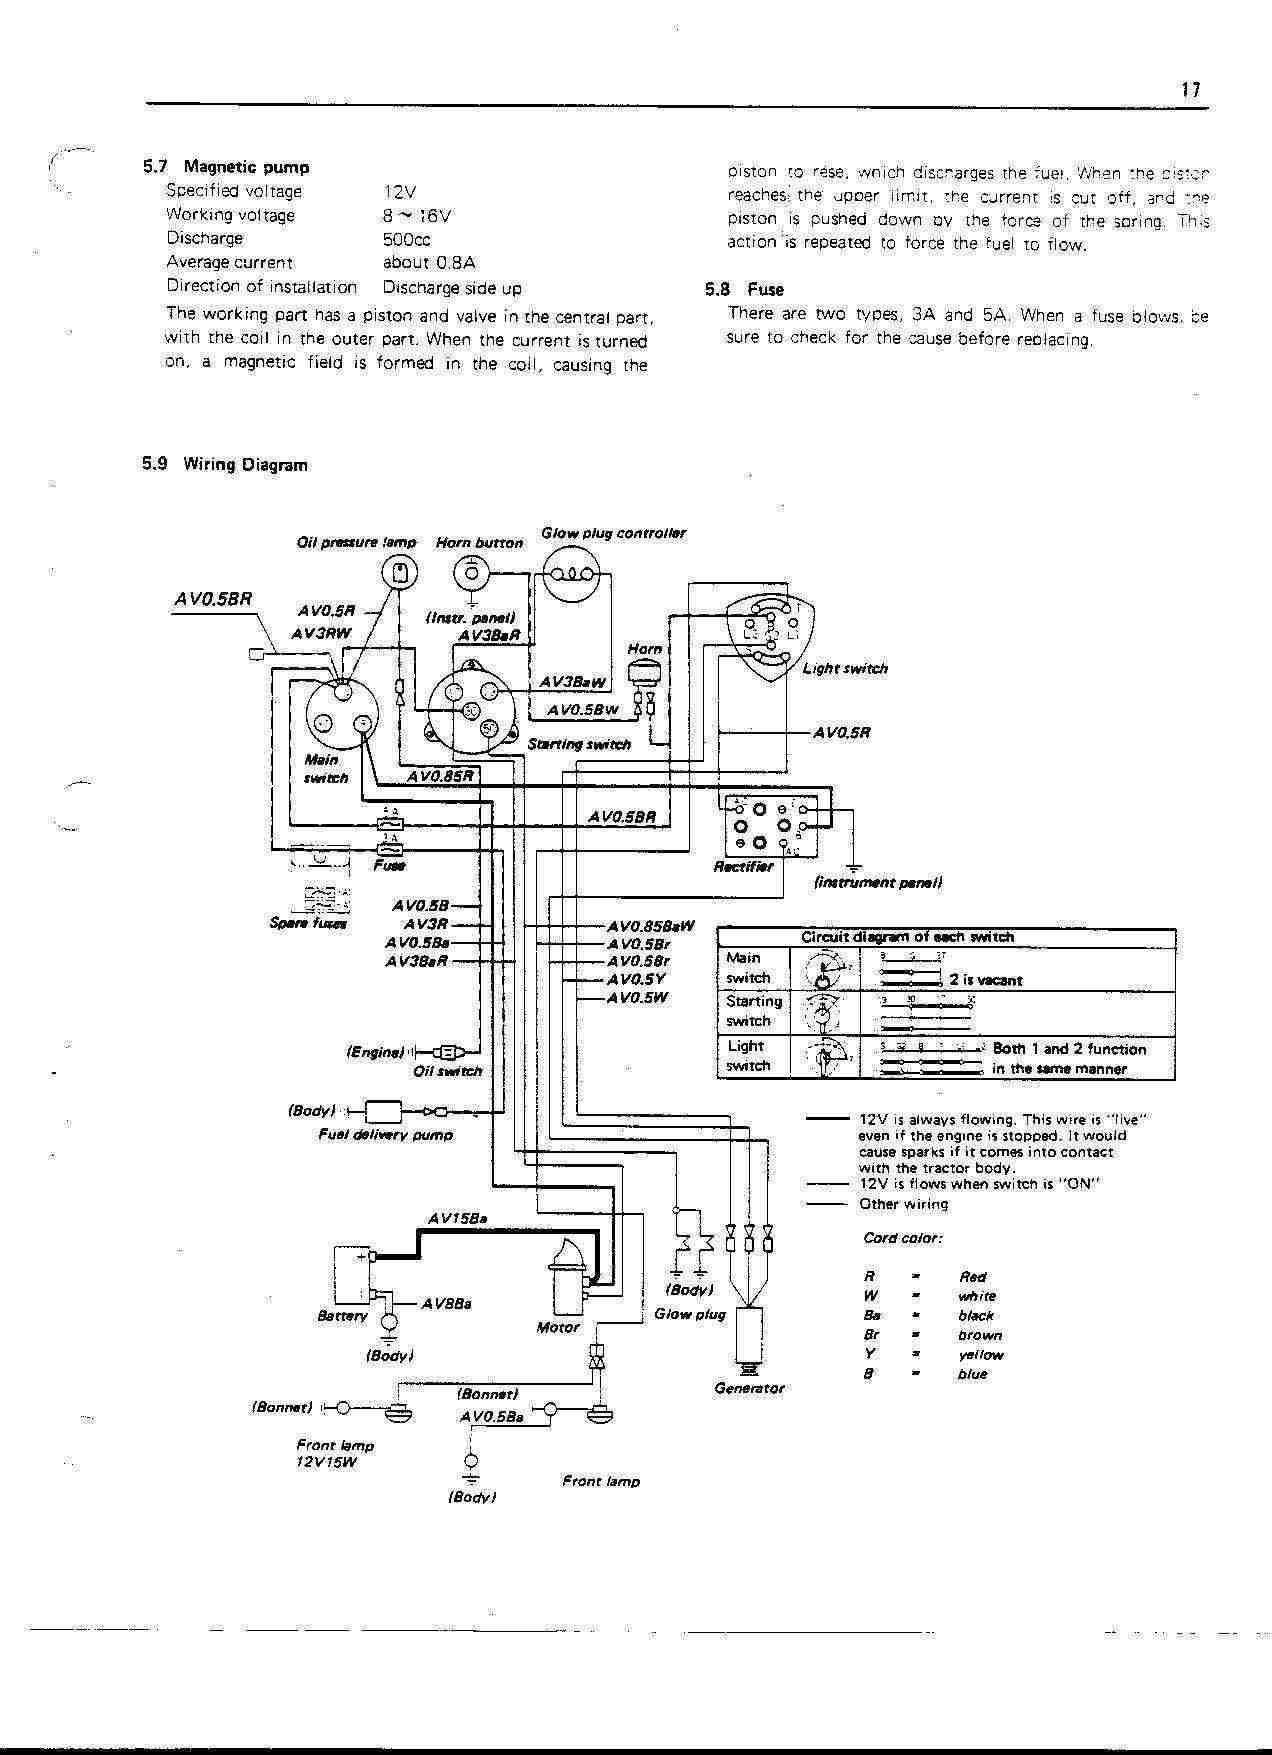 kubota rectifier wiring diagram wiring diagram r6 rectifier wiring diagram schematics and diagrams